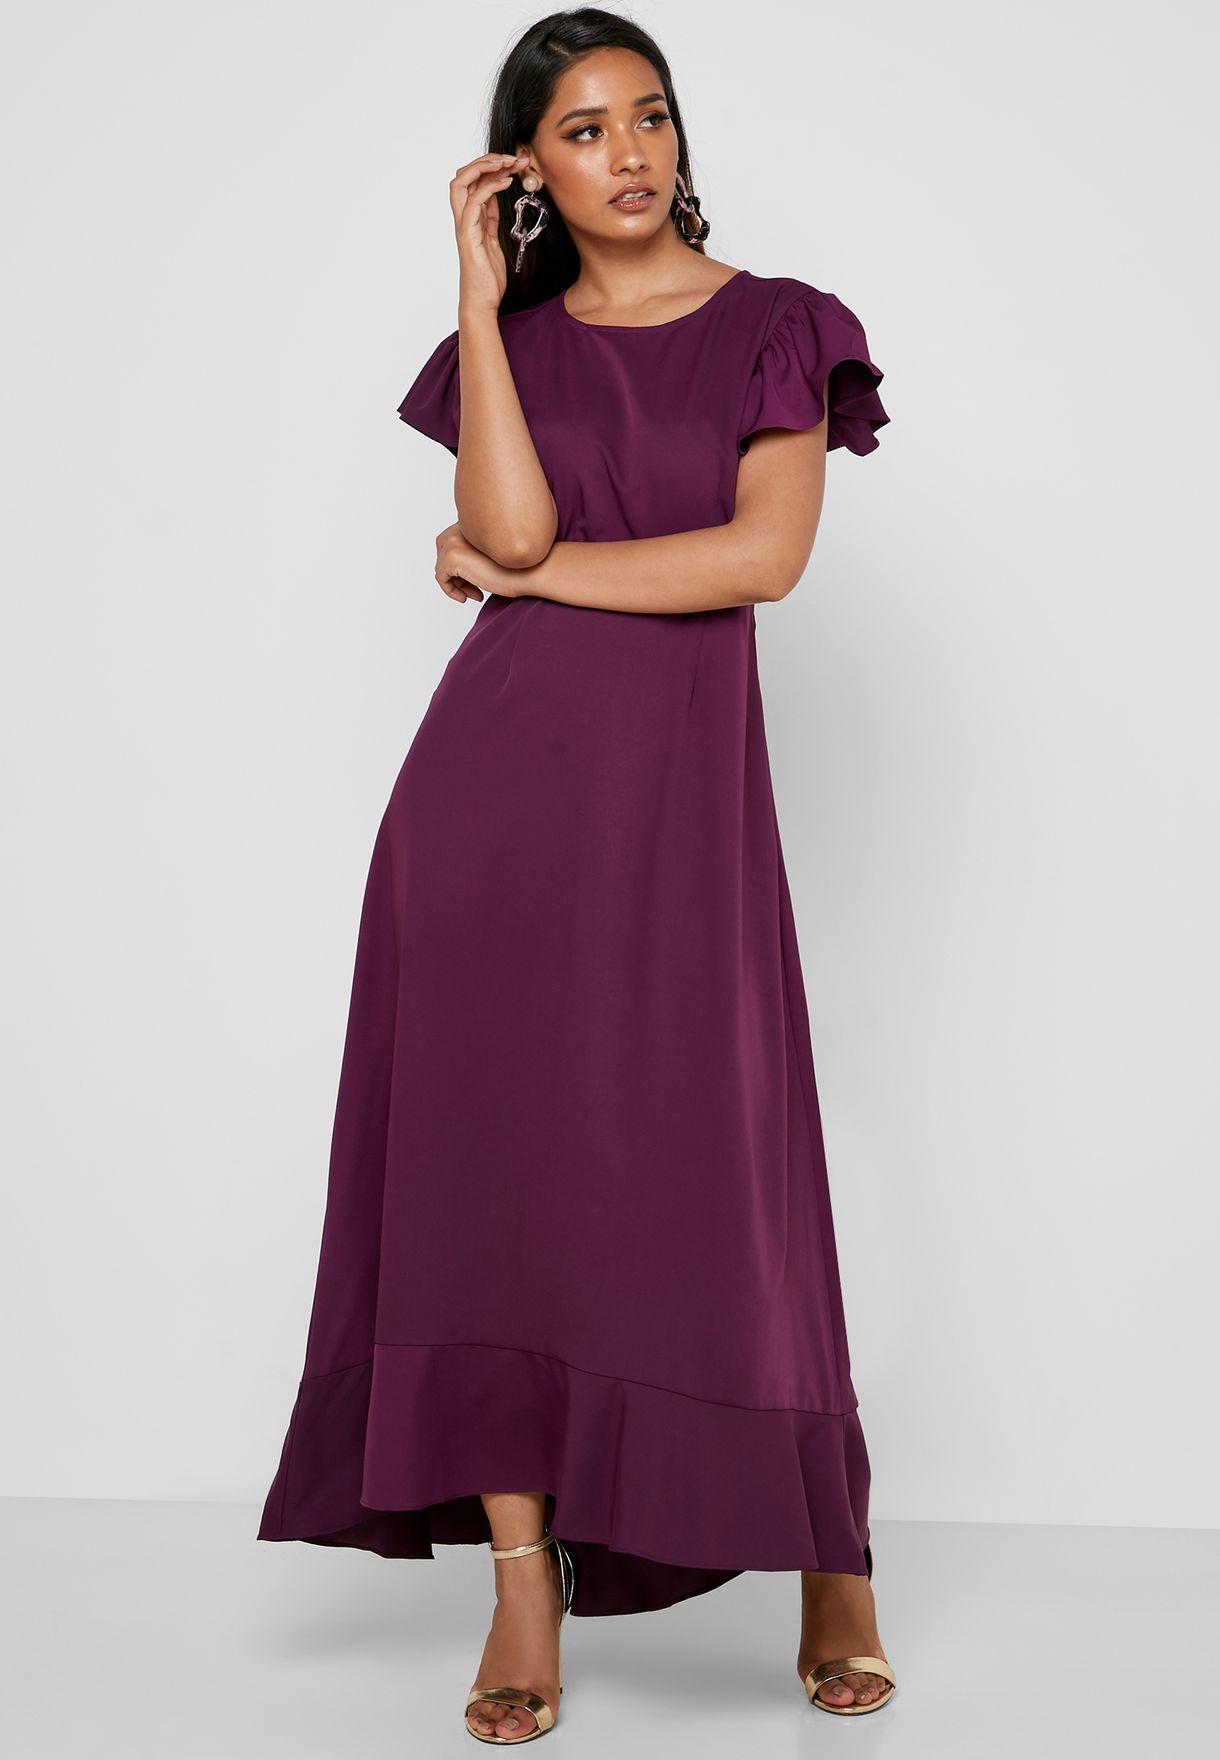 فستان بأكمام كشكش وحافة متباينة الطول